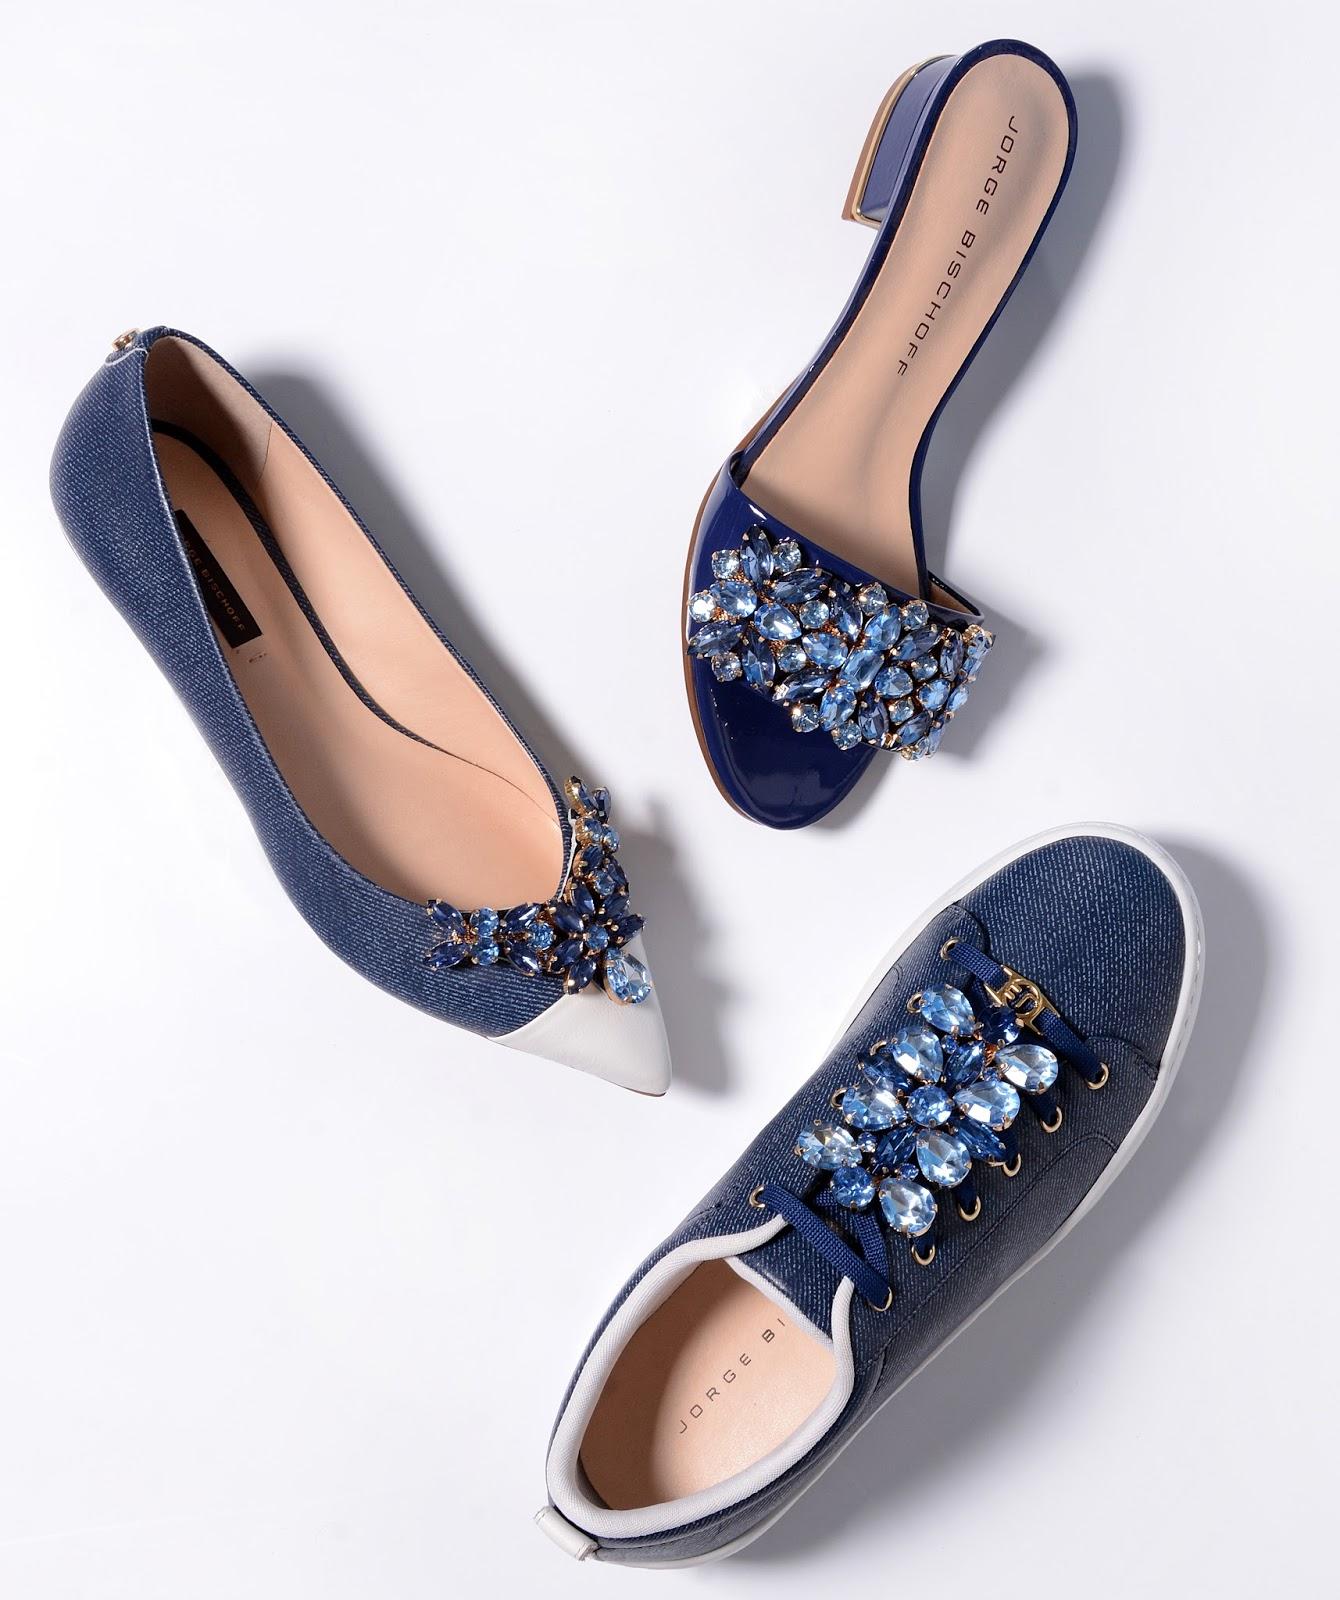 75c215b0b4 Esse estilo oferece autenticidade e ares contemporâneos à coleção. O couro  com estampa jeans